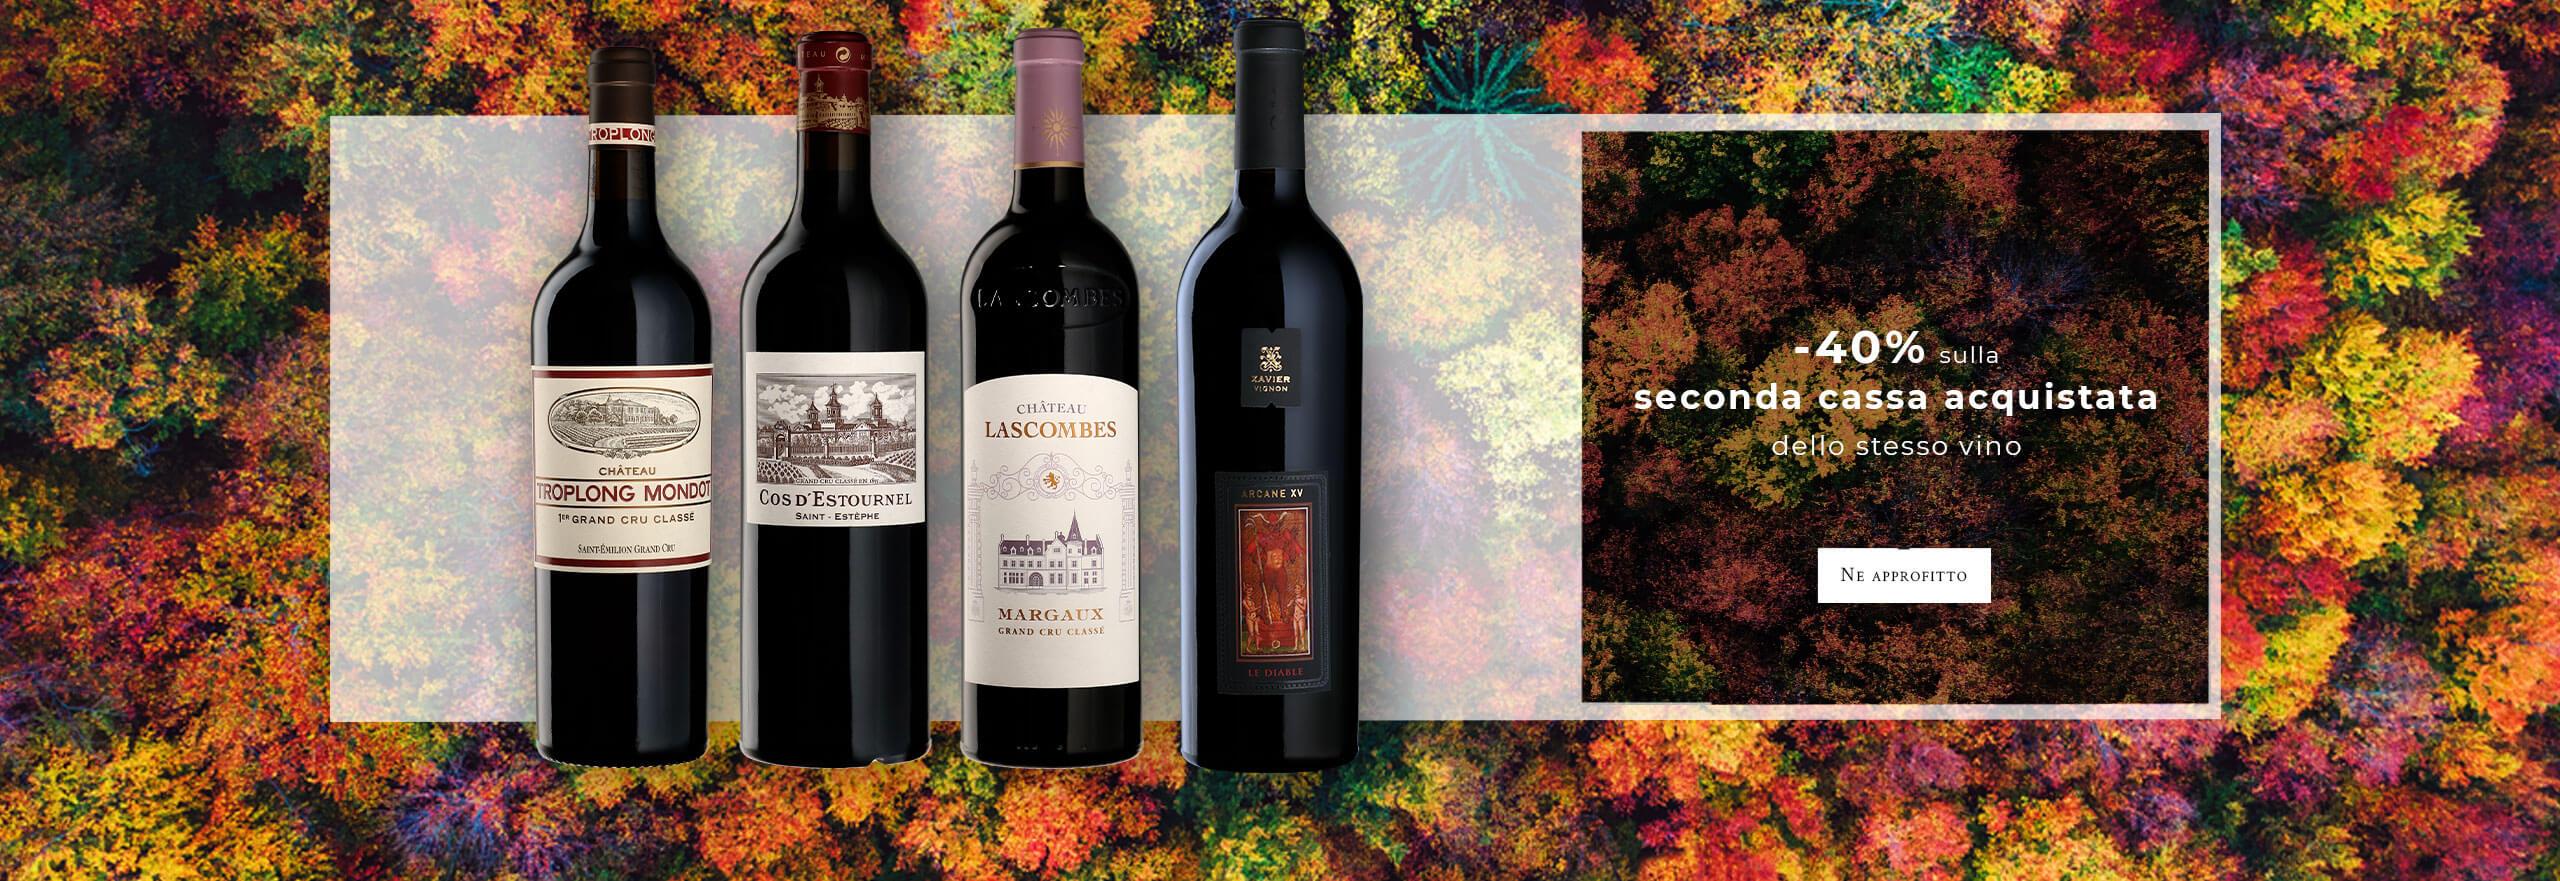 40% di sconto sull'acquisto della seconda cassa dello stesso vino